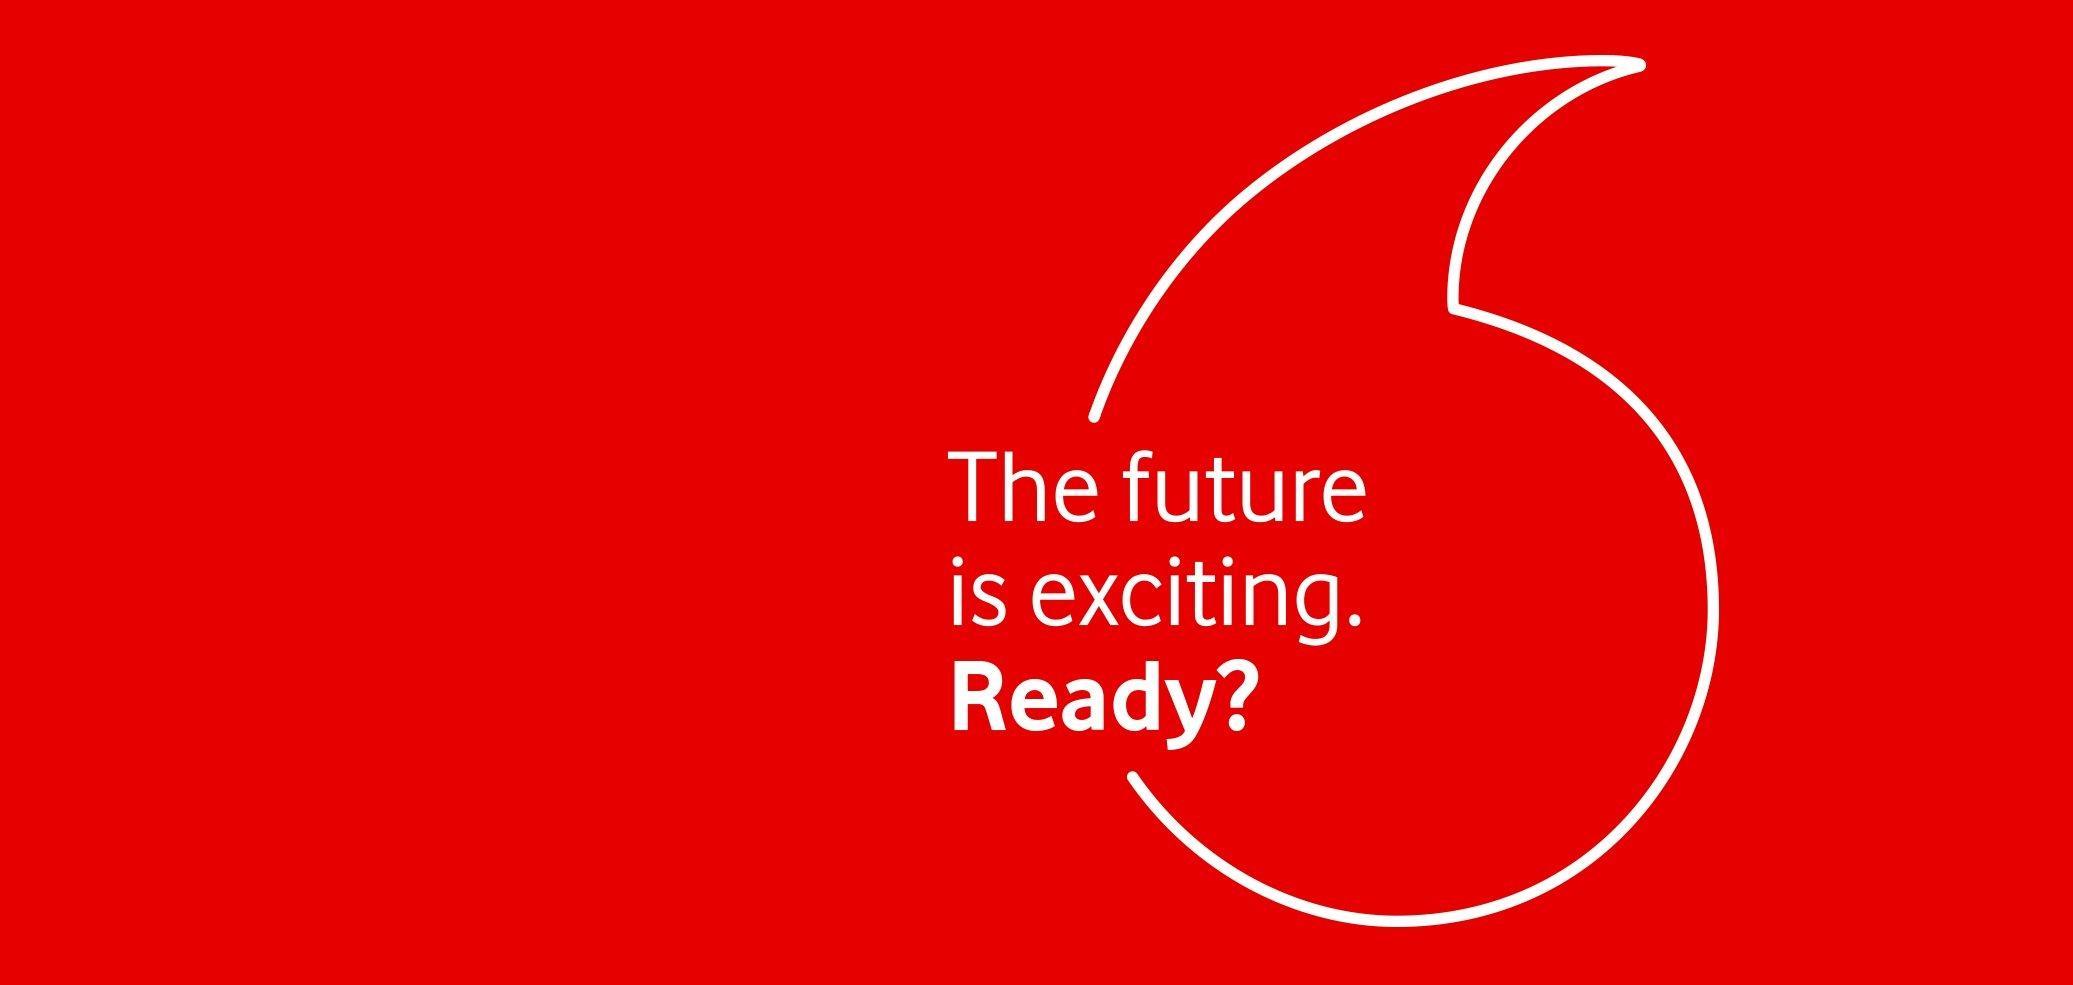 Perché Vodafone vuole posizionarsi su innovazione e futuro